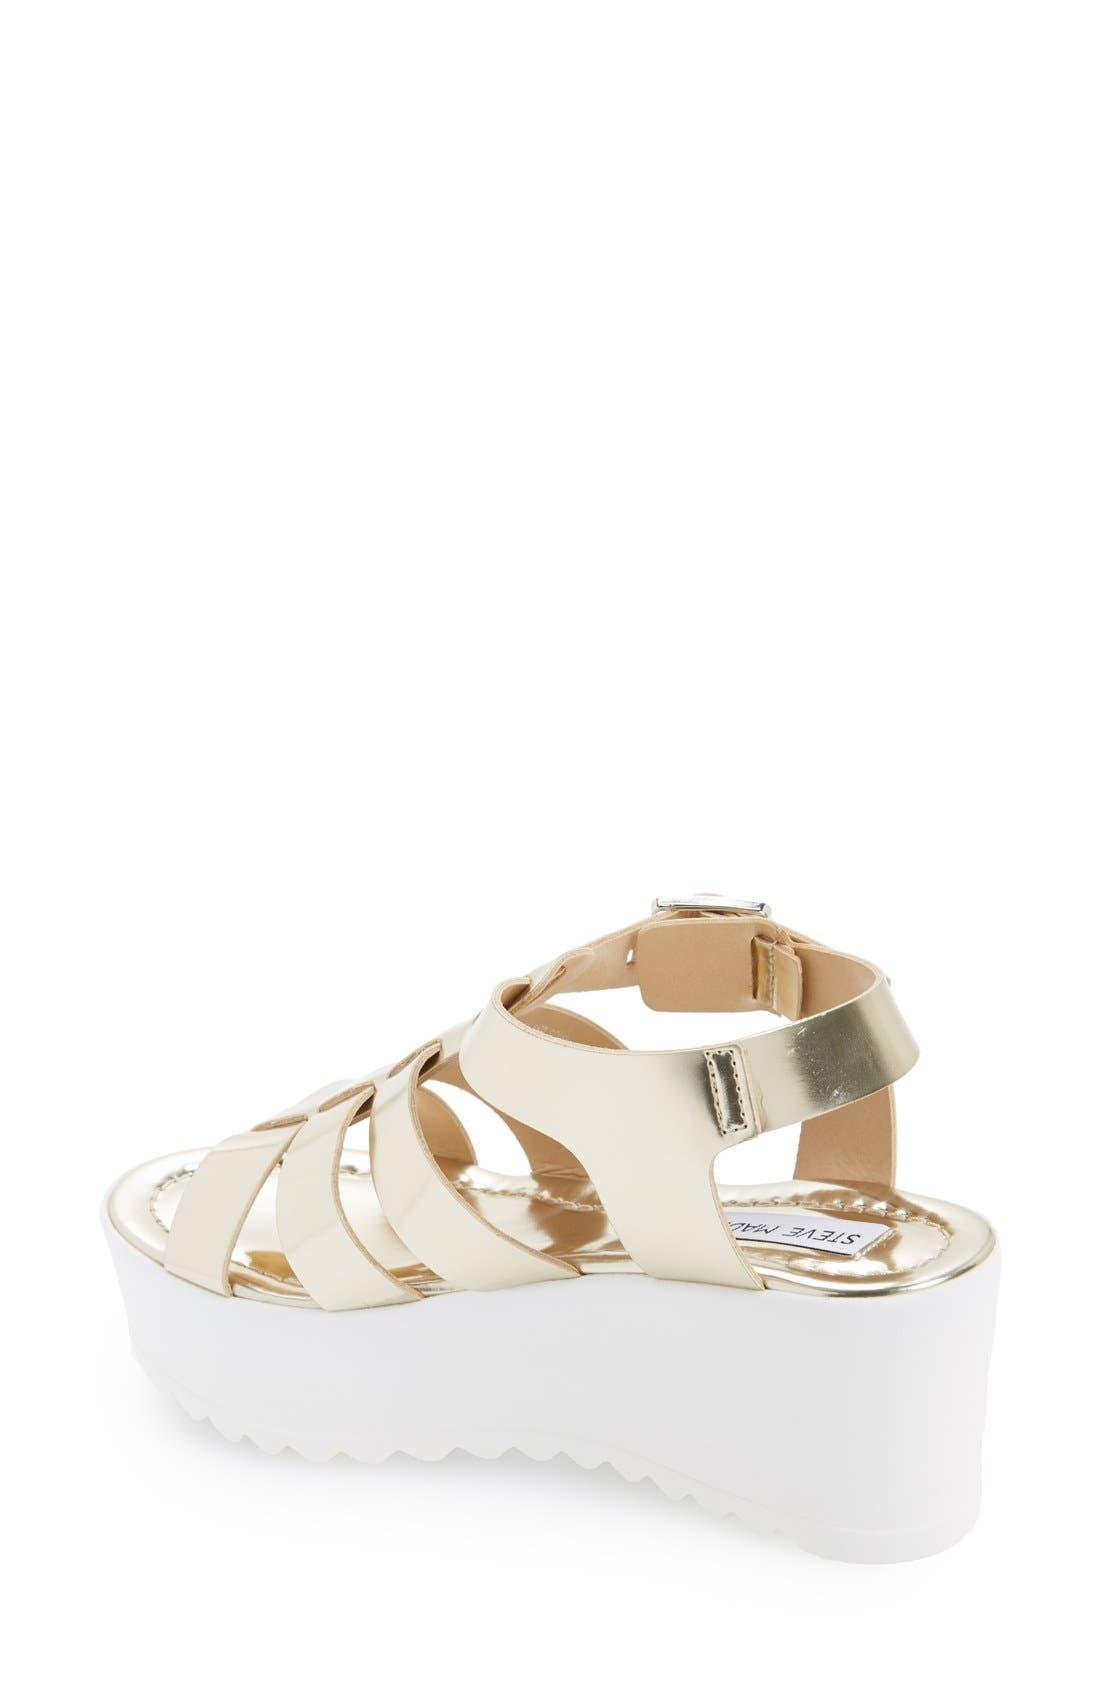 'Strangld' Gladiator Platform Sandal,                             Alternate thumbnail 2, color,                             Gold Leather